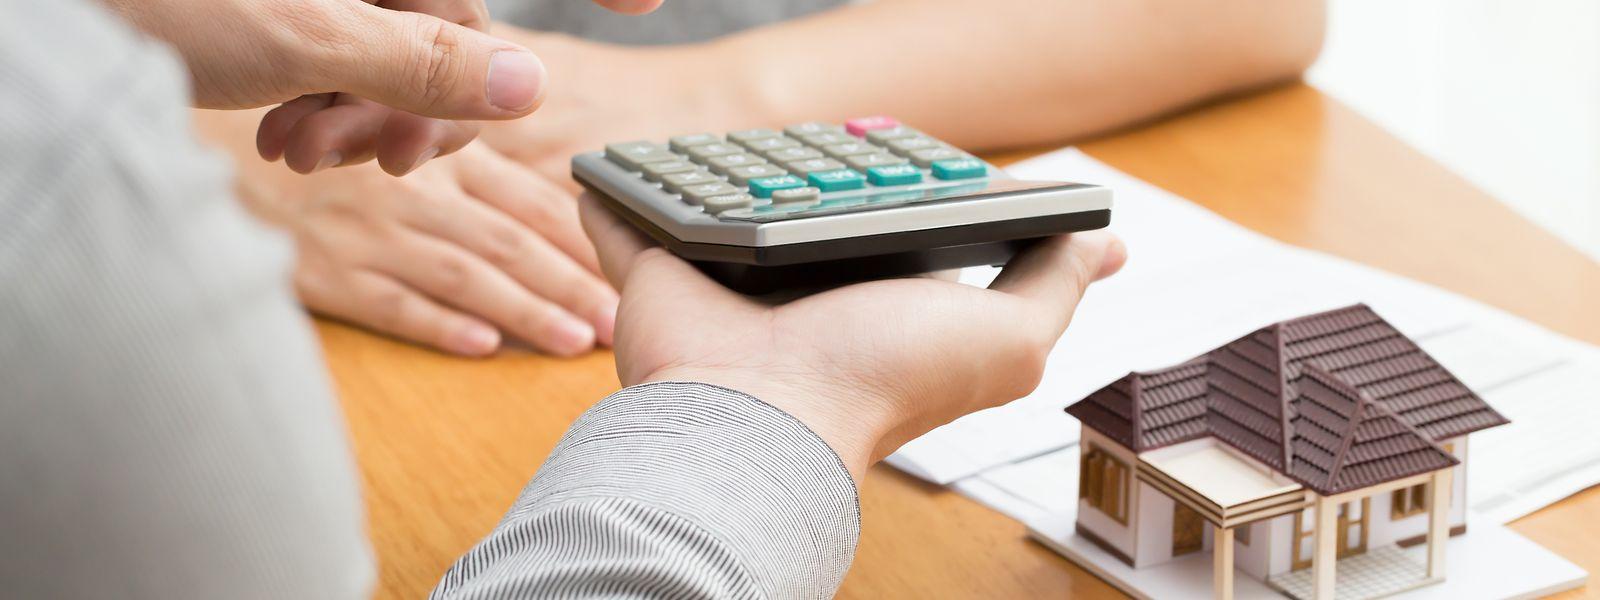 Près de 10,4 milliards d'euros de prêts immobiliers ont été octroyés en 2018 au Luxembourg.